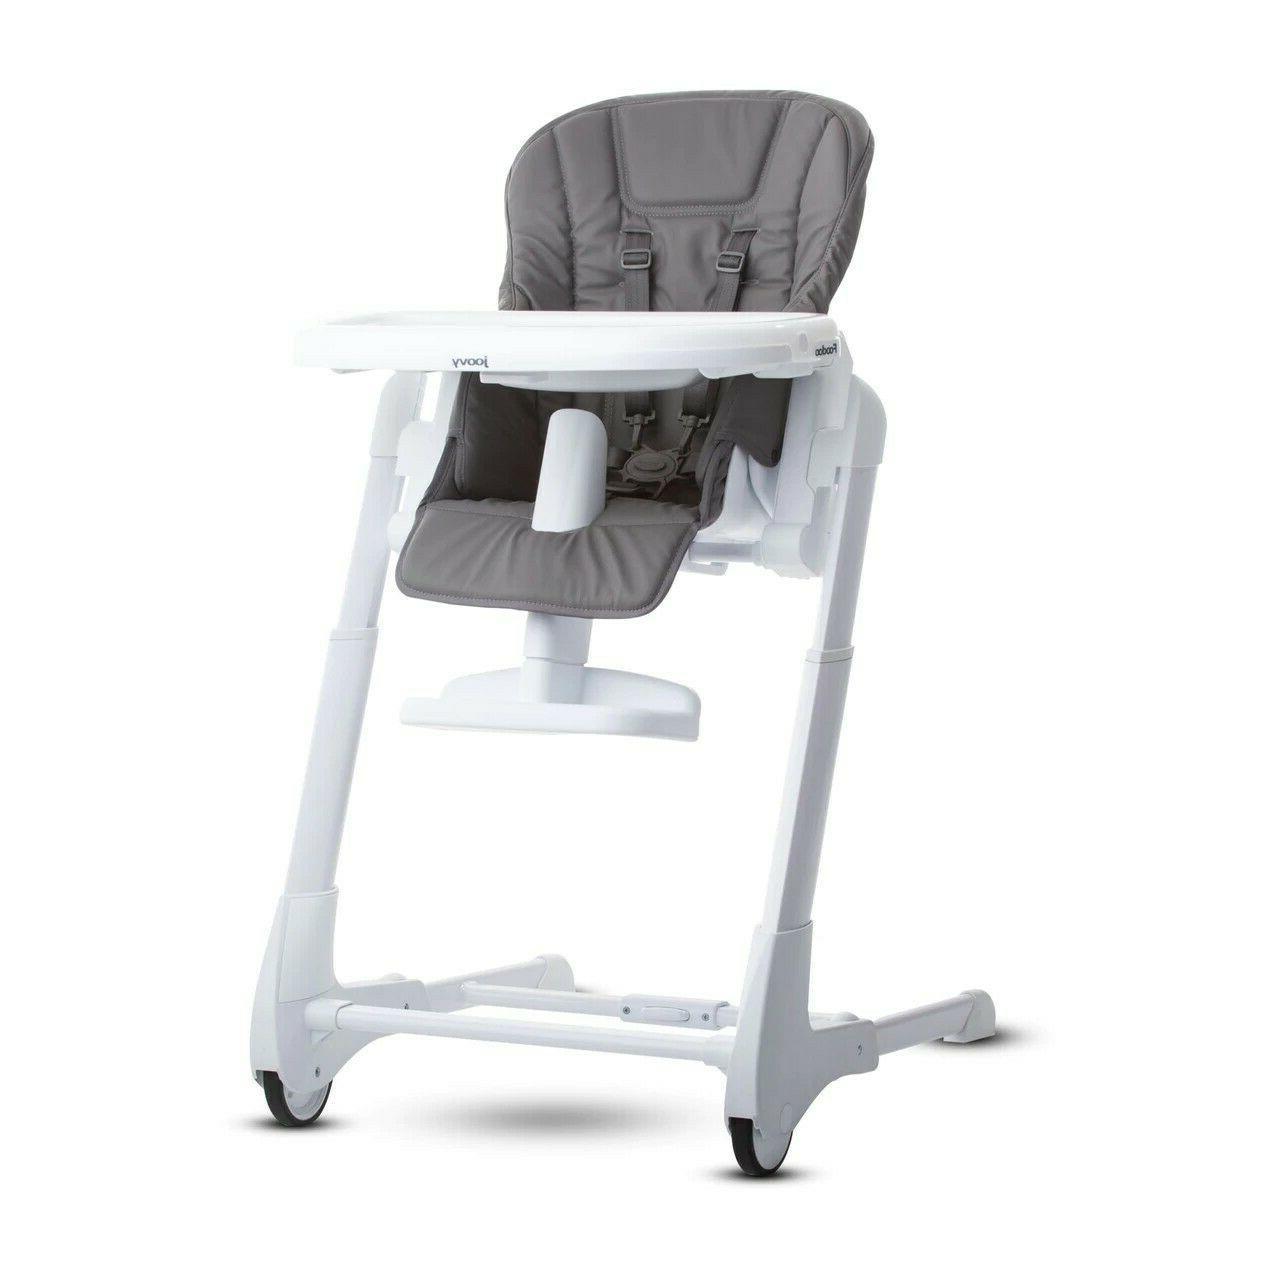 Joovy Foodoo CHARCOAL High Chair Adjustable Reclines  Huge T